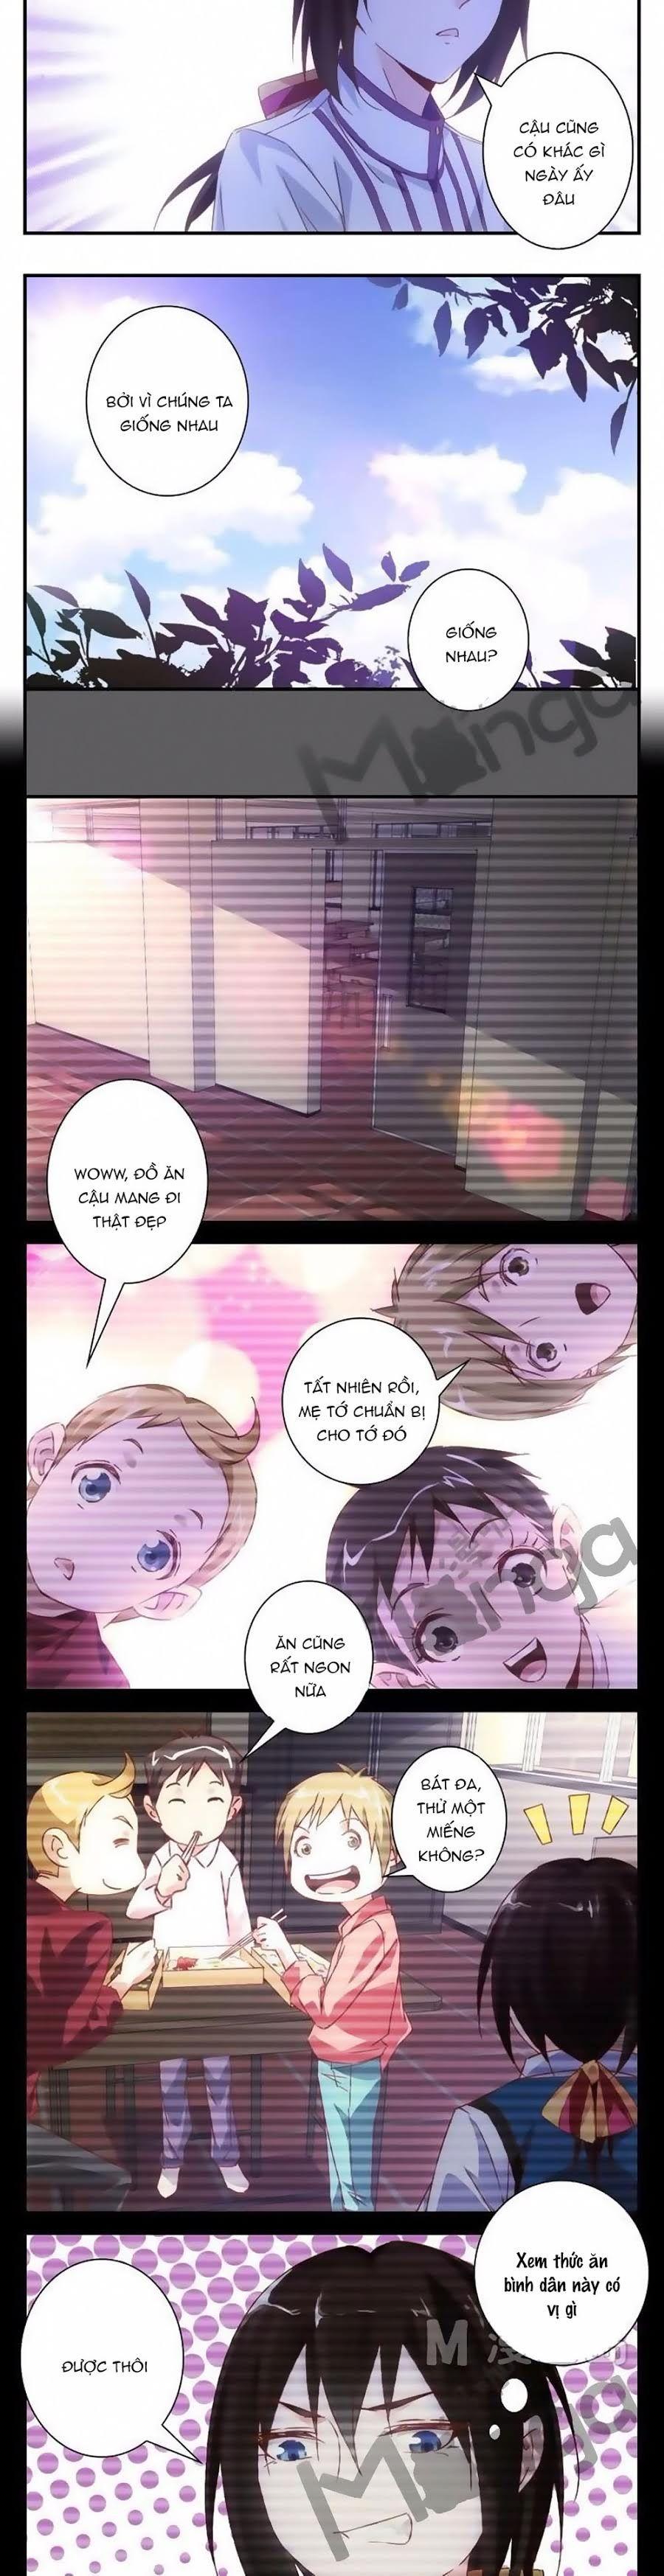 Tâm Linh Thập Hoang Giả - Chap 28